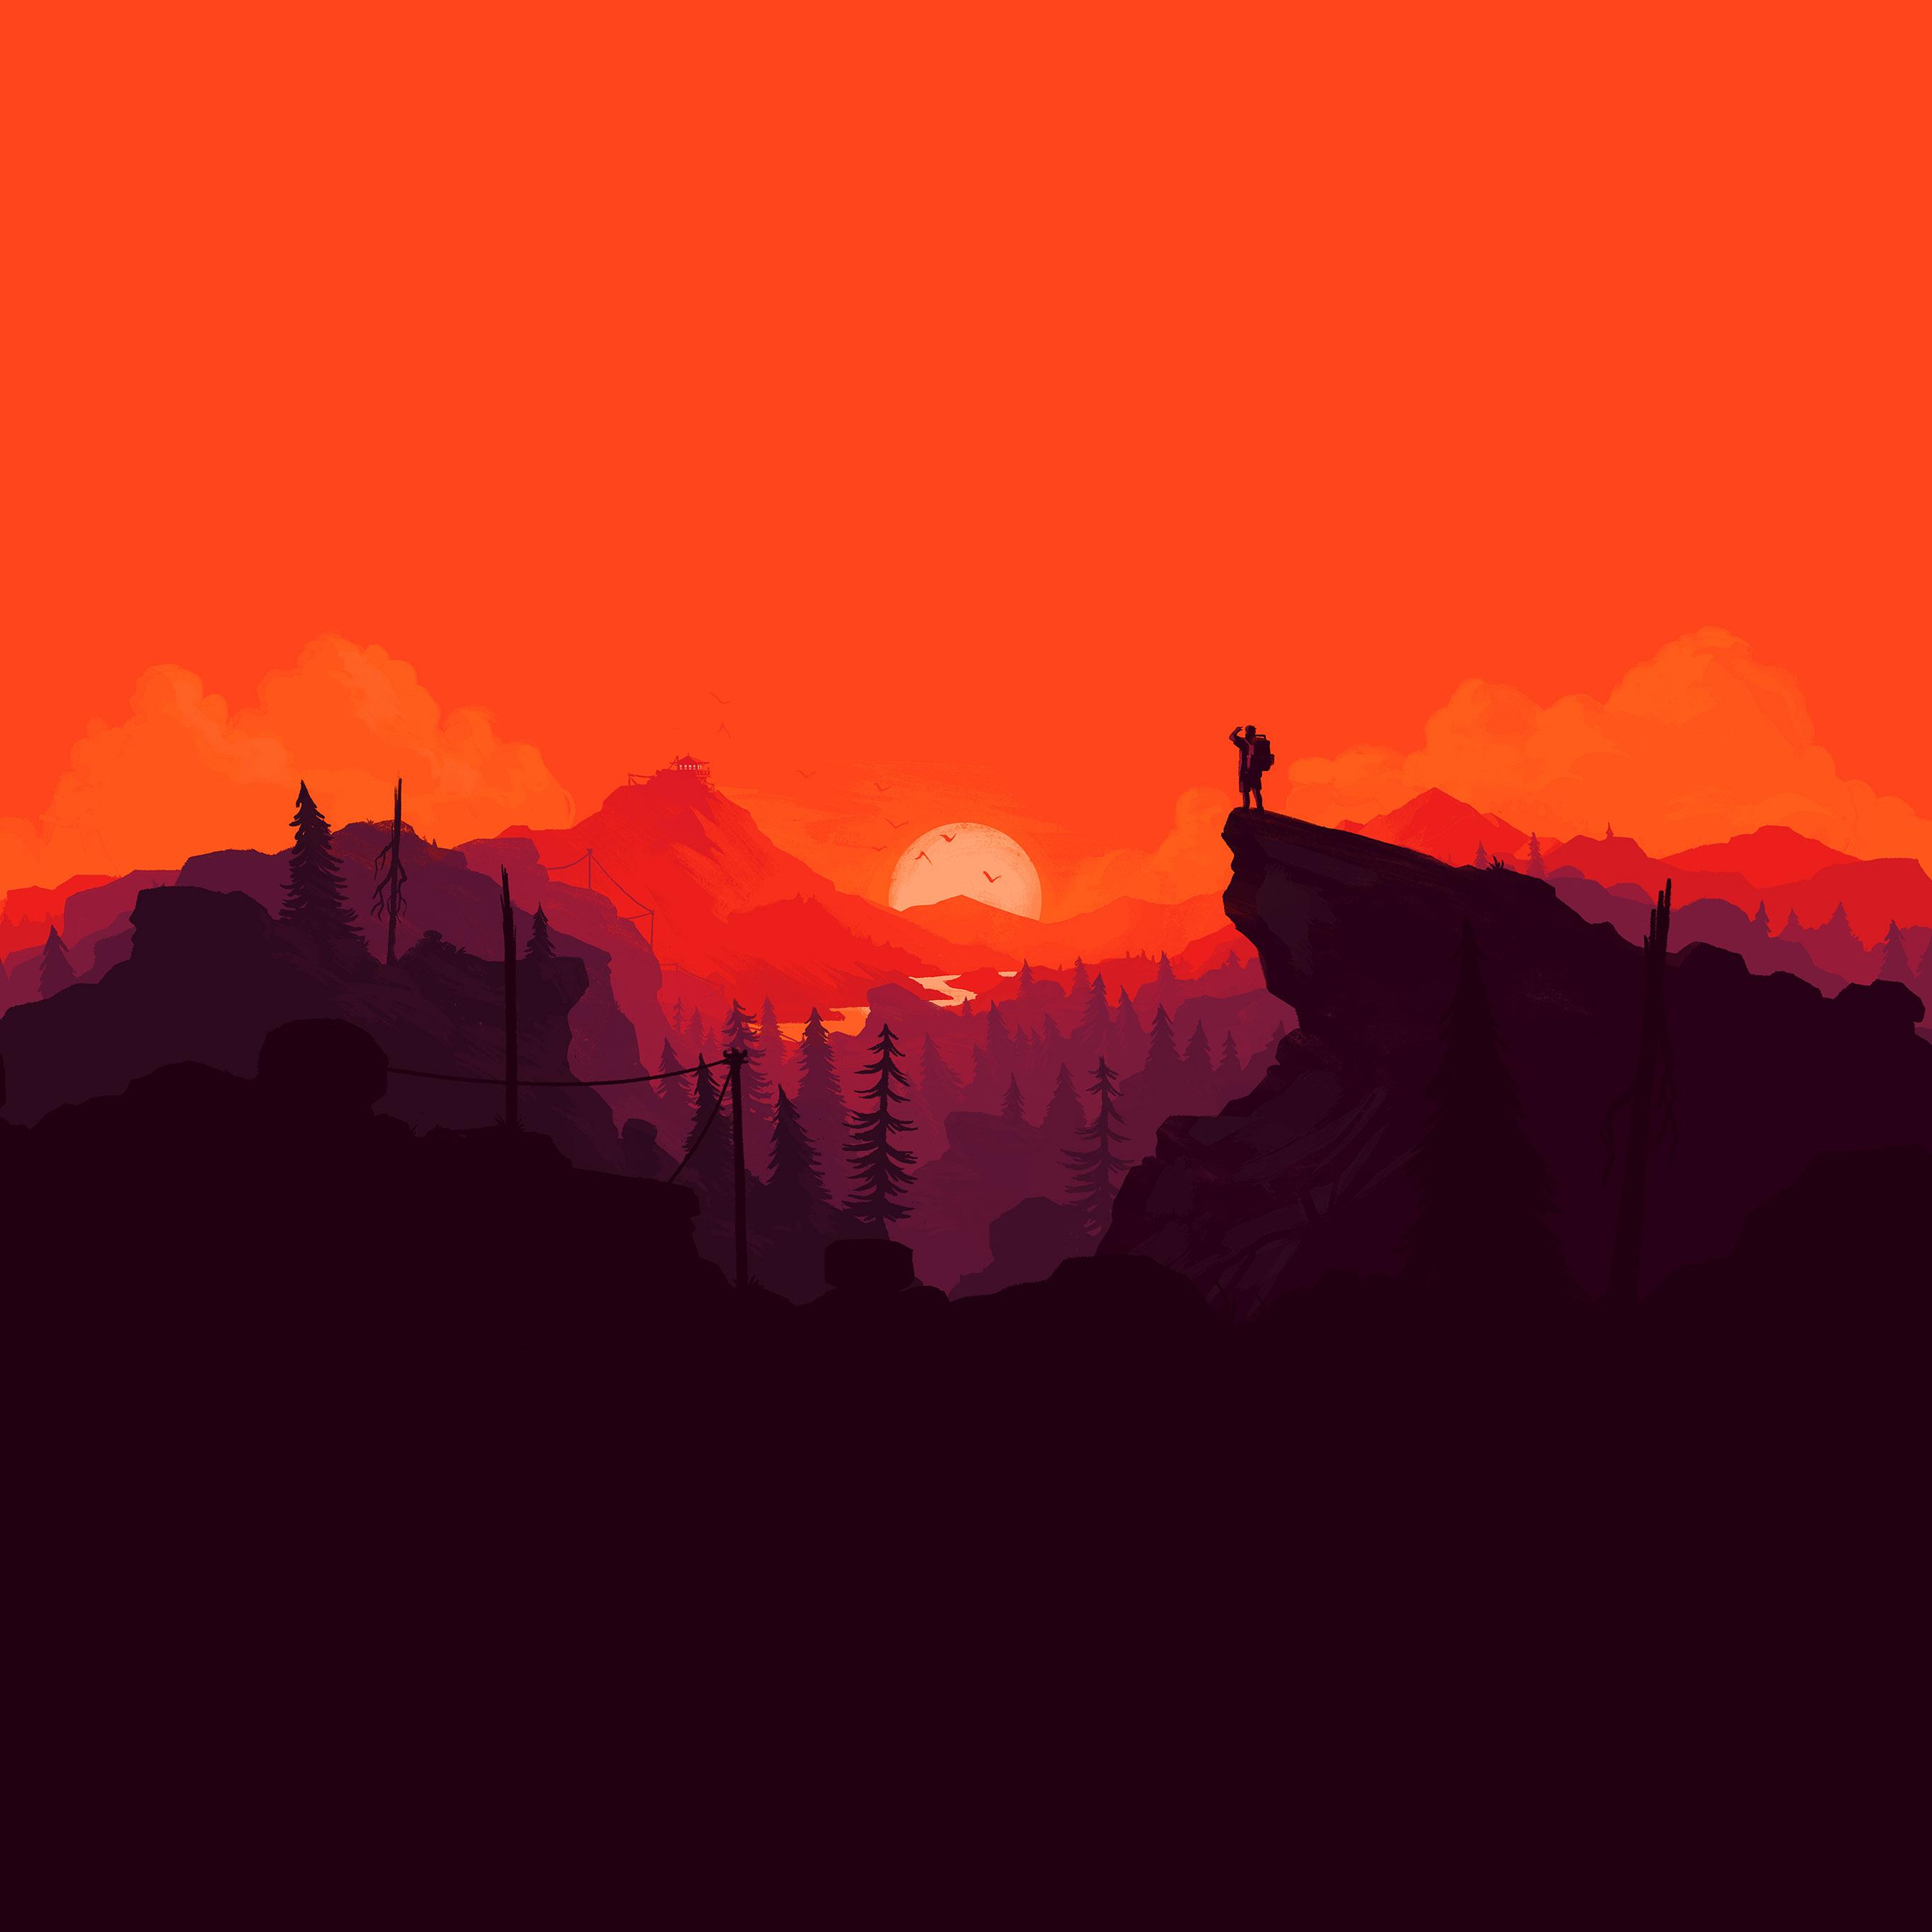 Au35 Nature Sunset Simple Minimal Illustration Art Red Wallpaper